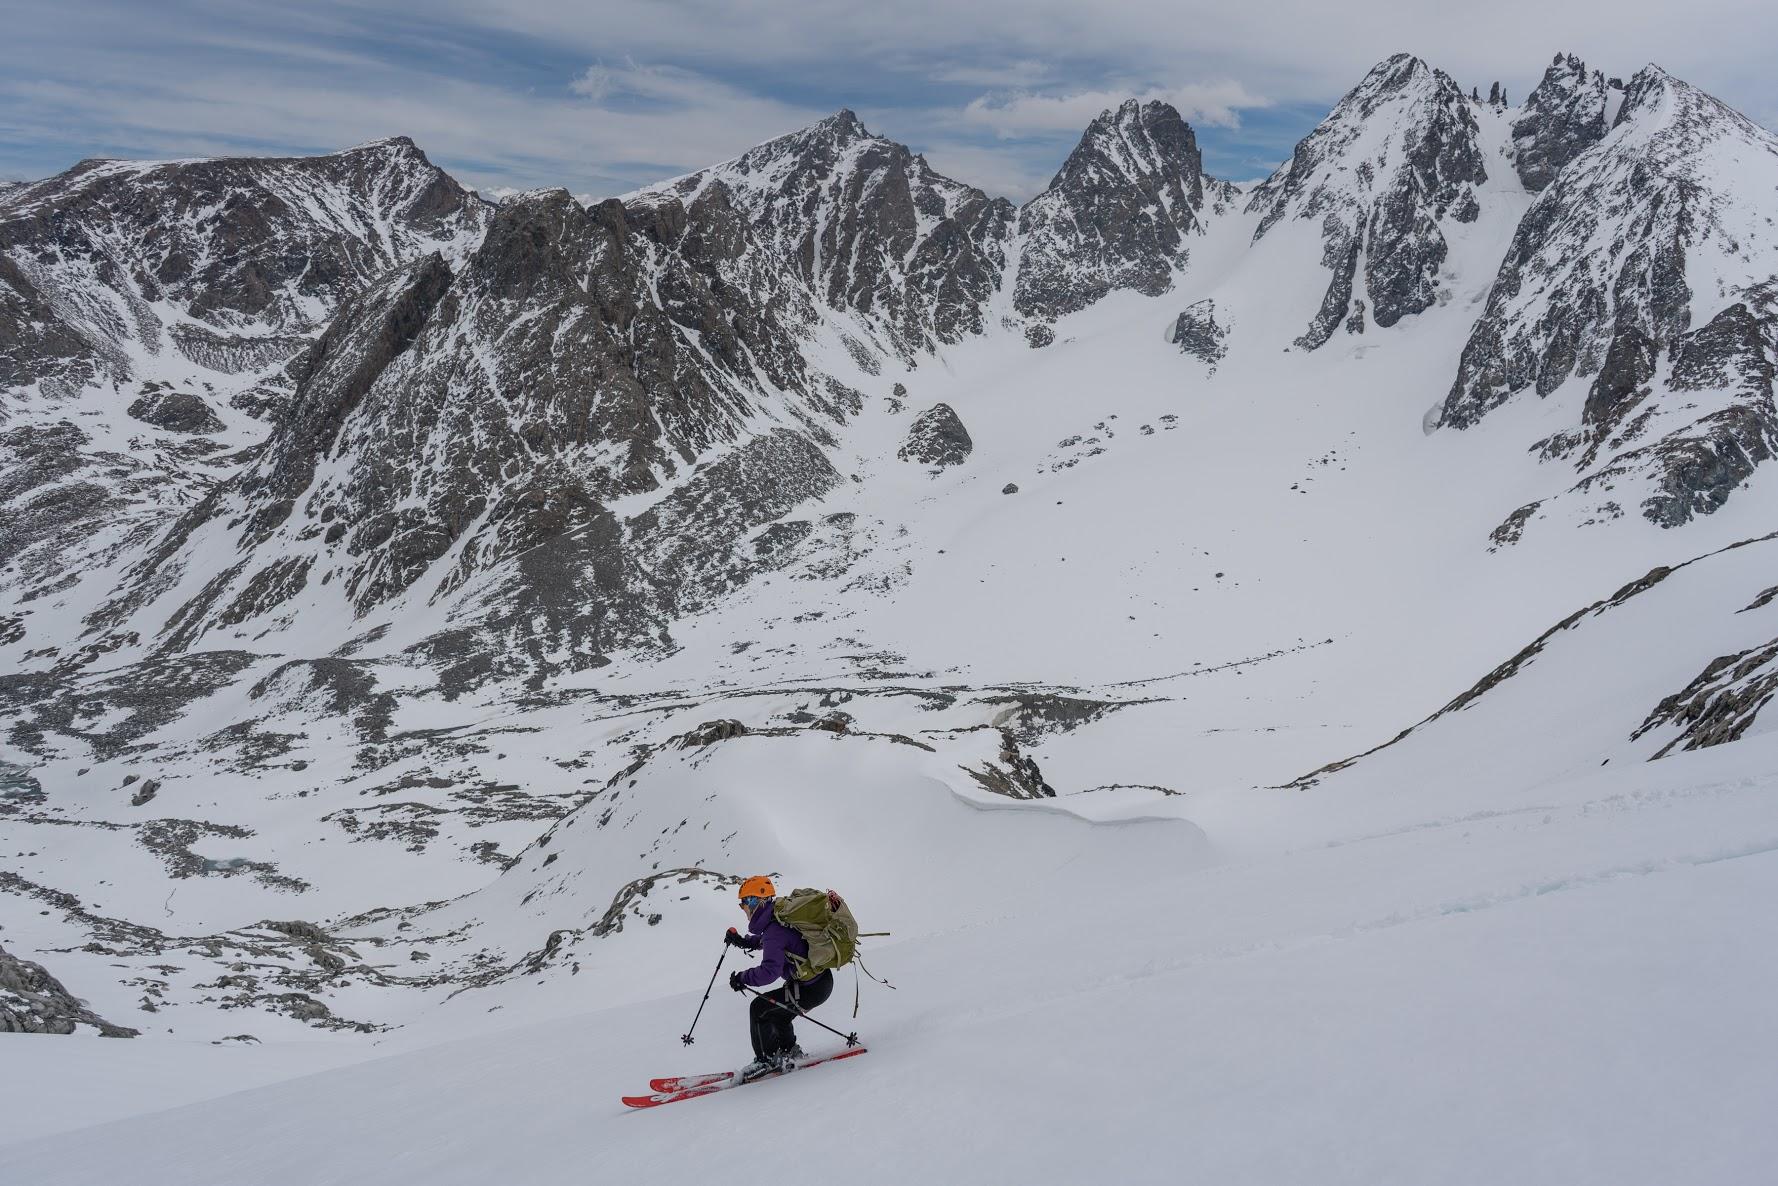 gannett_peak_ski_guiding_melissa_skiing